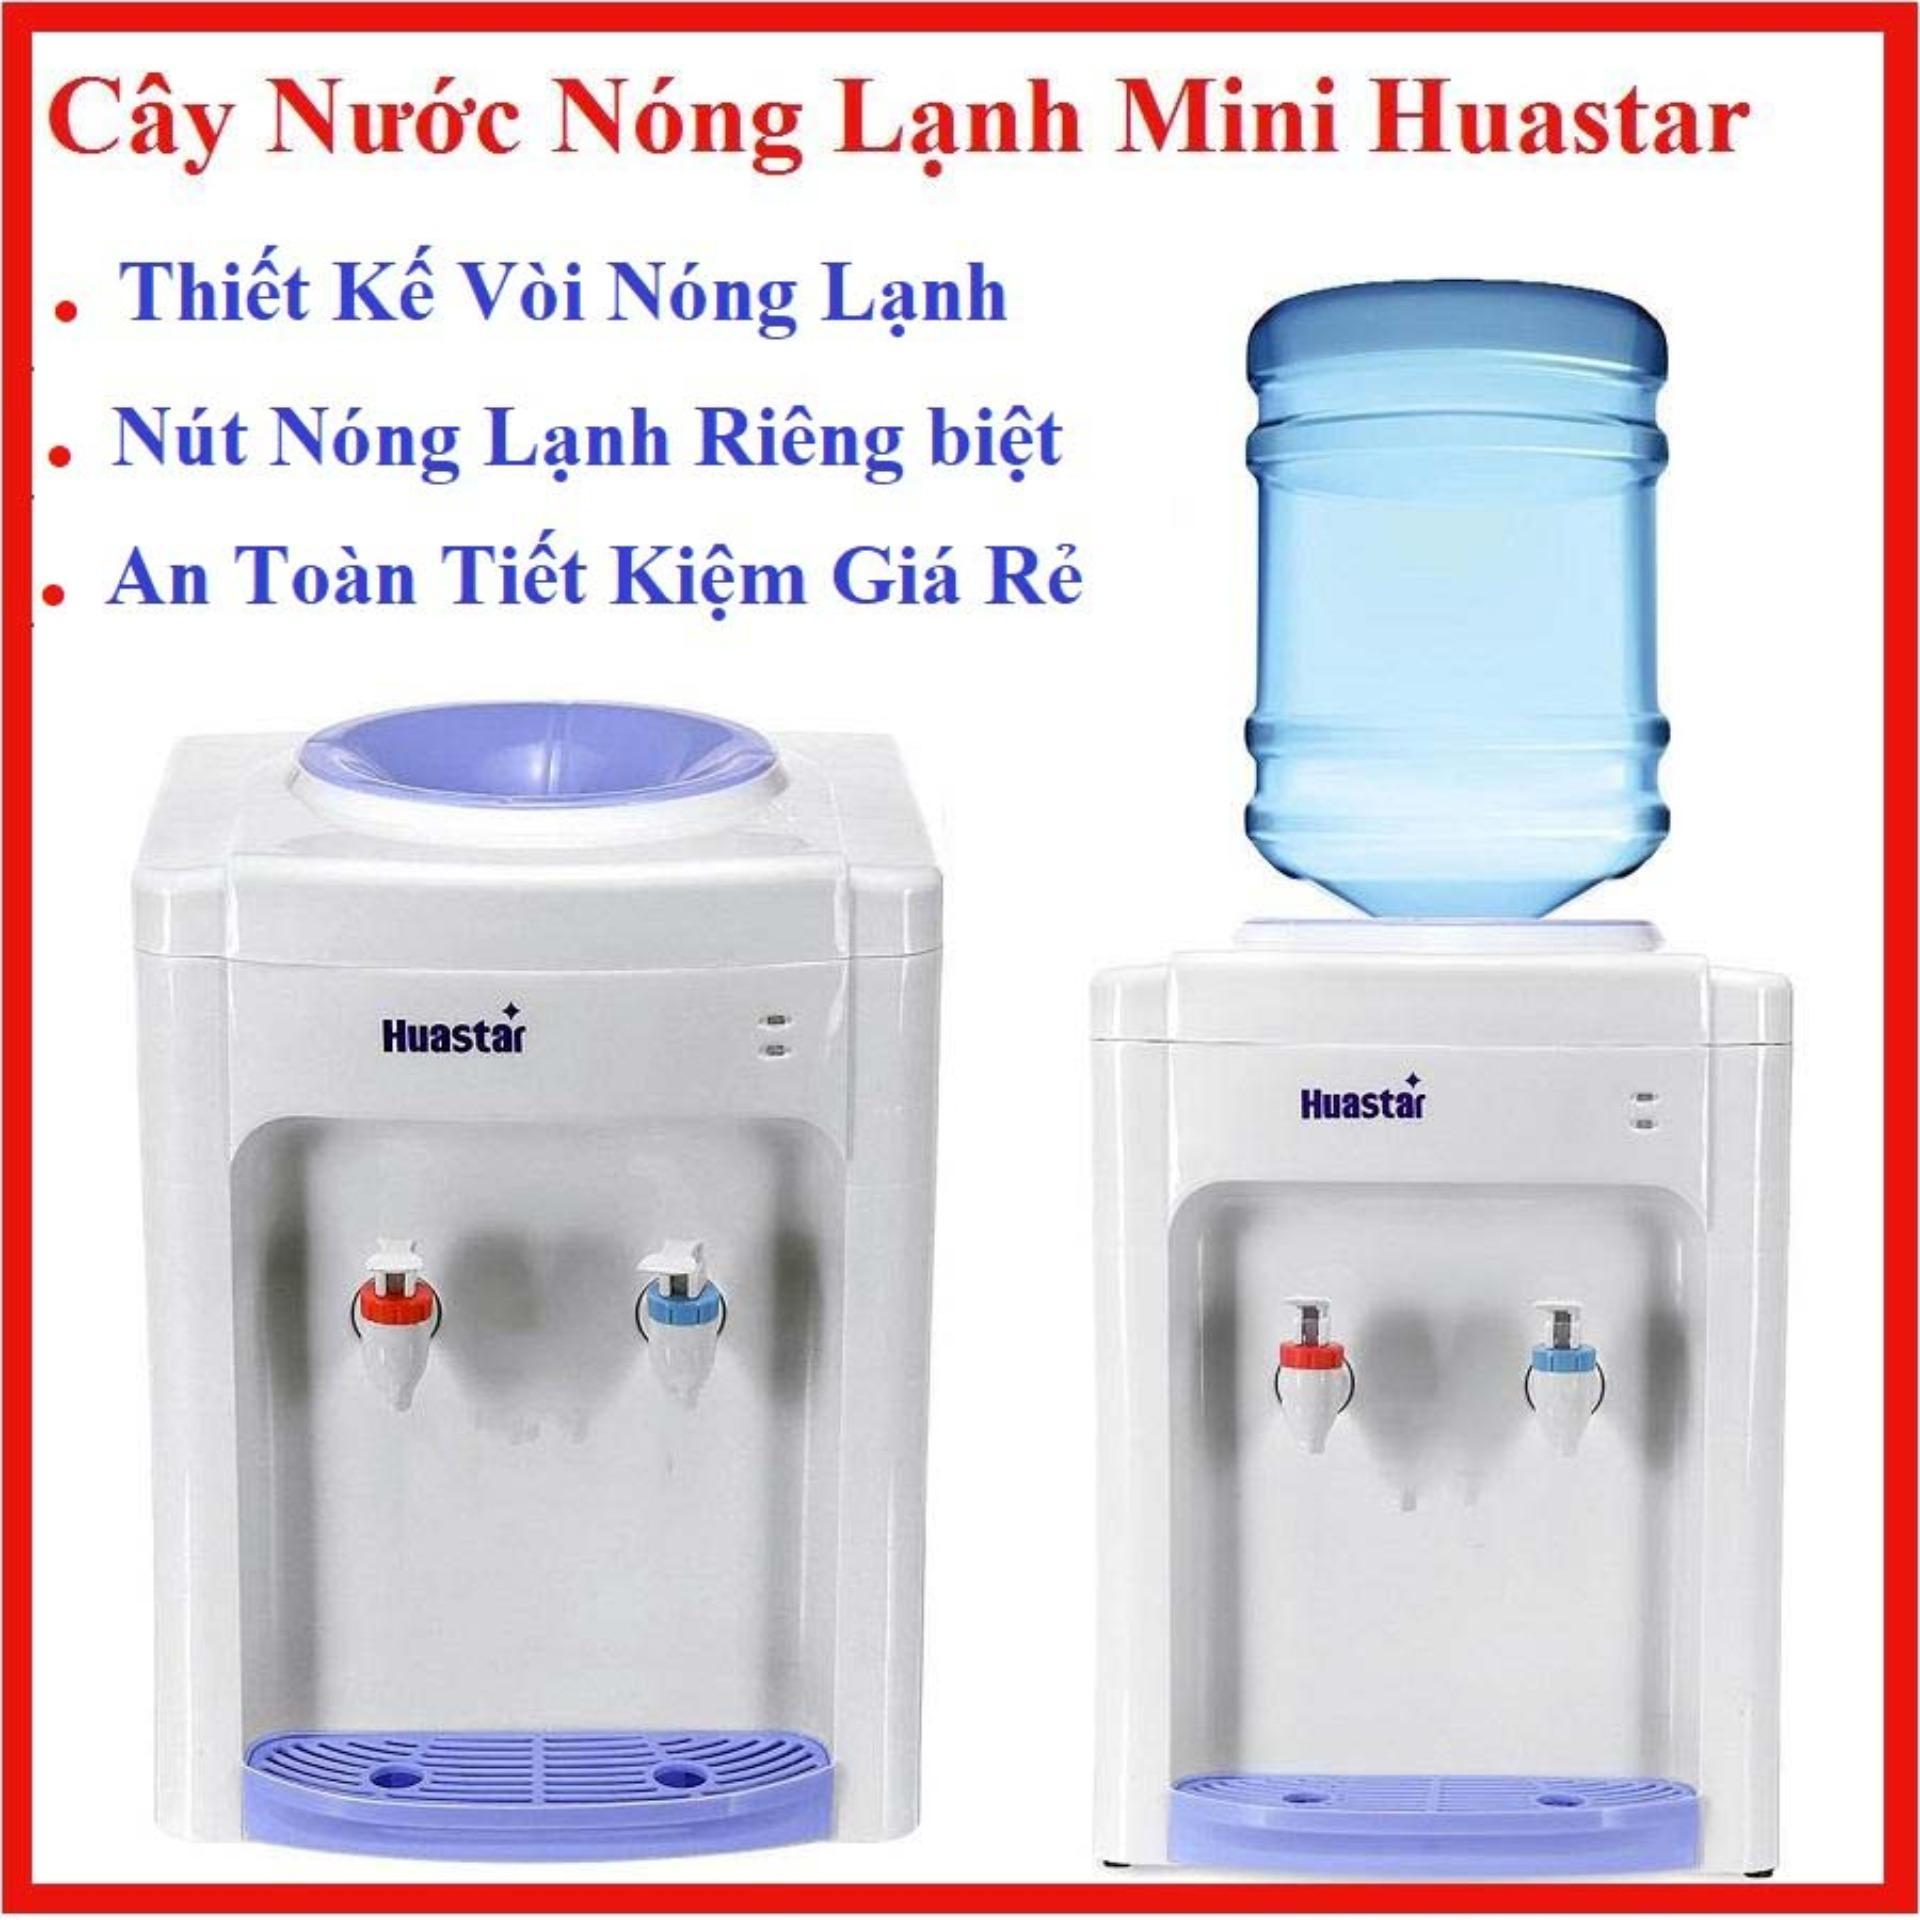 Giá Cây nước nóng lạnh Mini Huastar 1 vòi nóng và 1 vòi lạnh với công tắc vòi nóng lạnh riêng biệt Điện máy